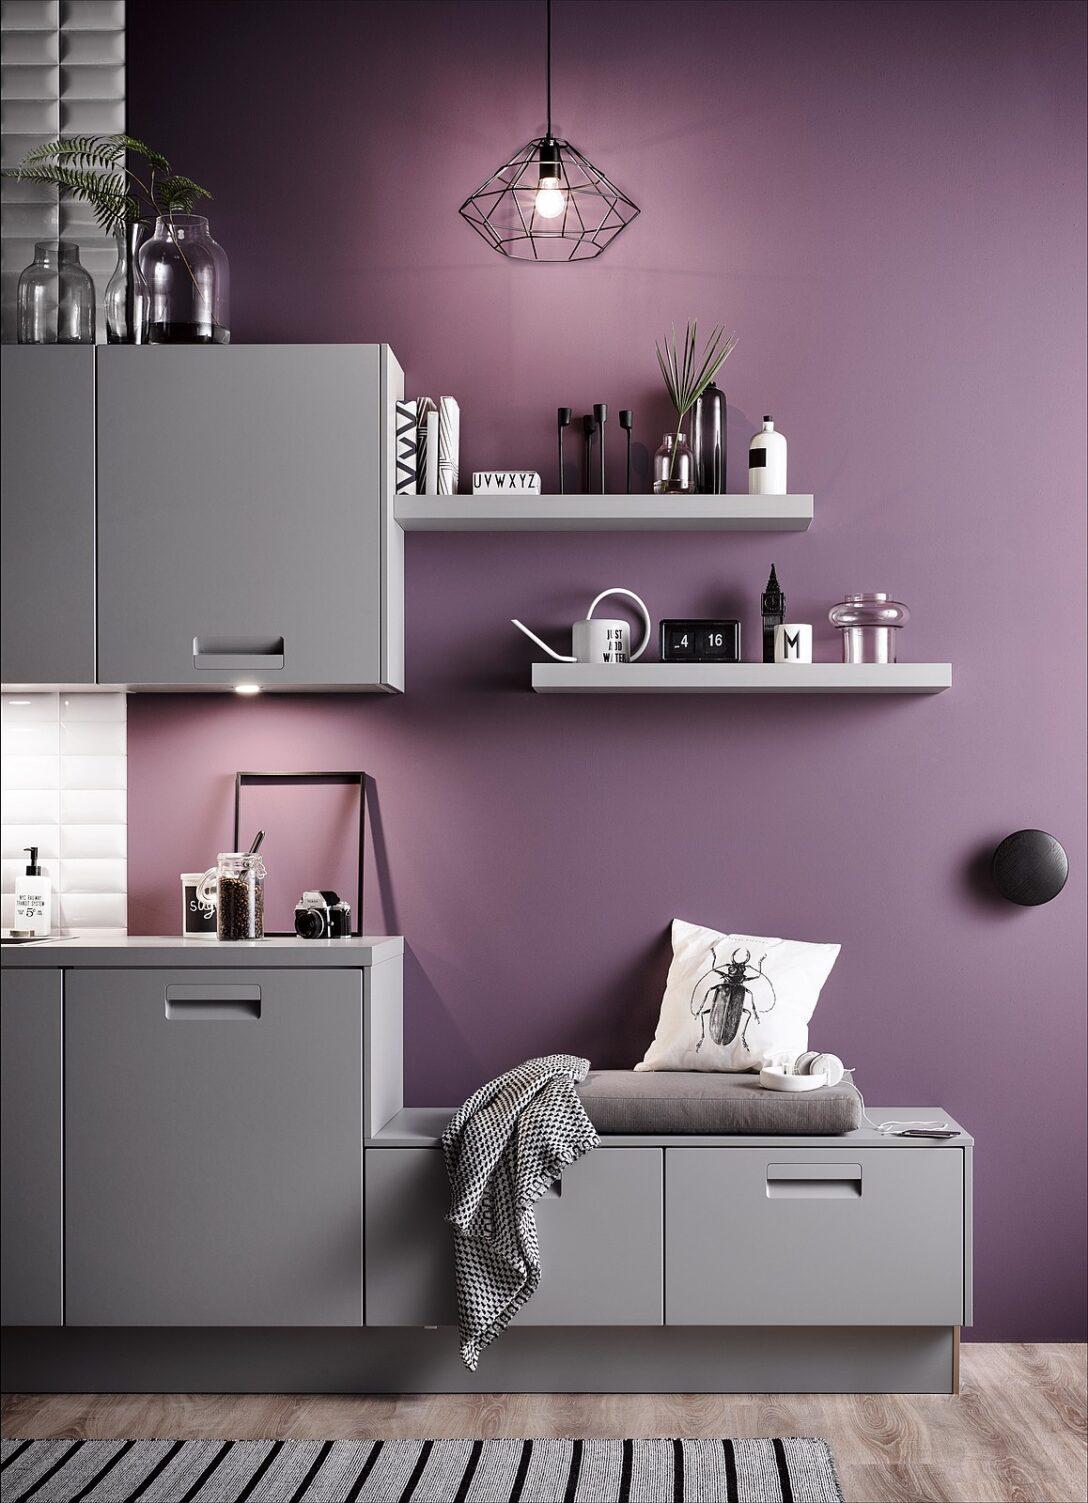 Large Size of Landhausküche Wandfarbe Kchenfarben Welche Farbe Passt Zu Wem Weiß Moderne Grau Weisse Gebraucht Wohnzimmer Landhausküche Wandfarbe